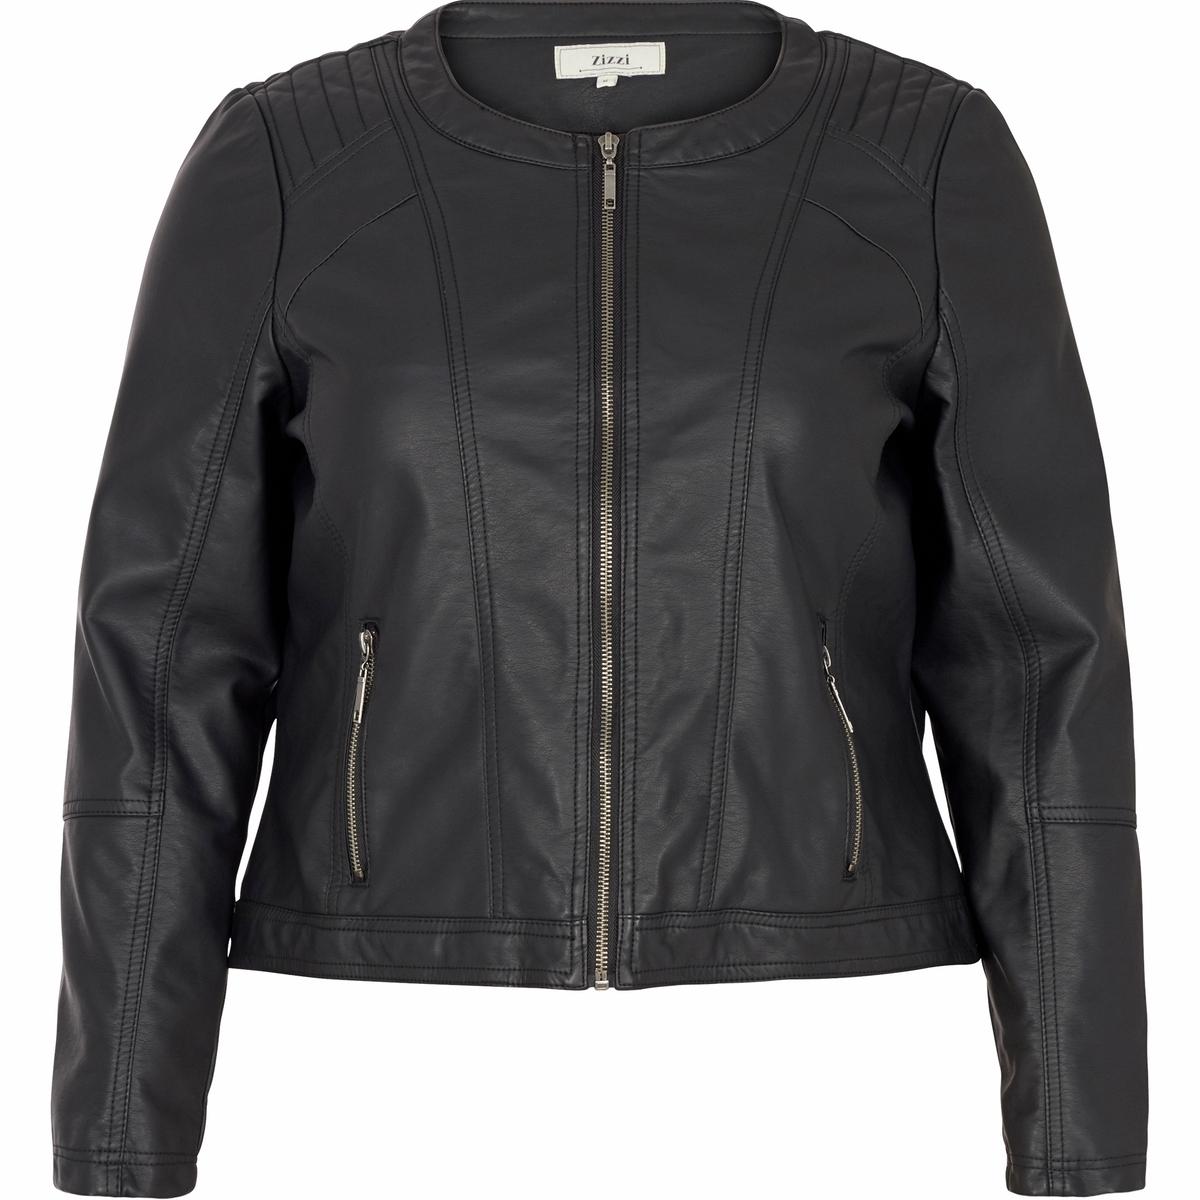 Куртка из искусственной кожиКуртка из искусственной кожи ZIZZI. Короткая модель с длинными рукавами и круглым вырезом. Застежка на молнию спереди, на уровне карманов и на рукавах  . 100% полиуретана.<br><br>Цвет: черный<br>Размер: 48 (FR) - 54 (RUS)